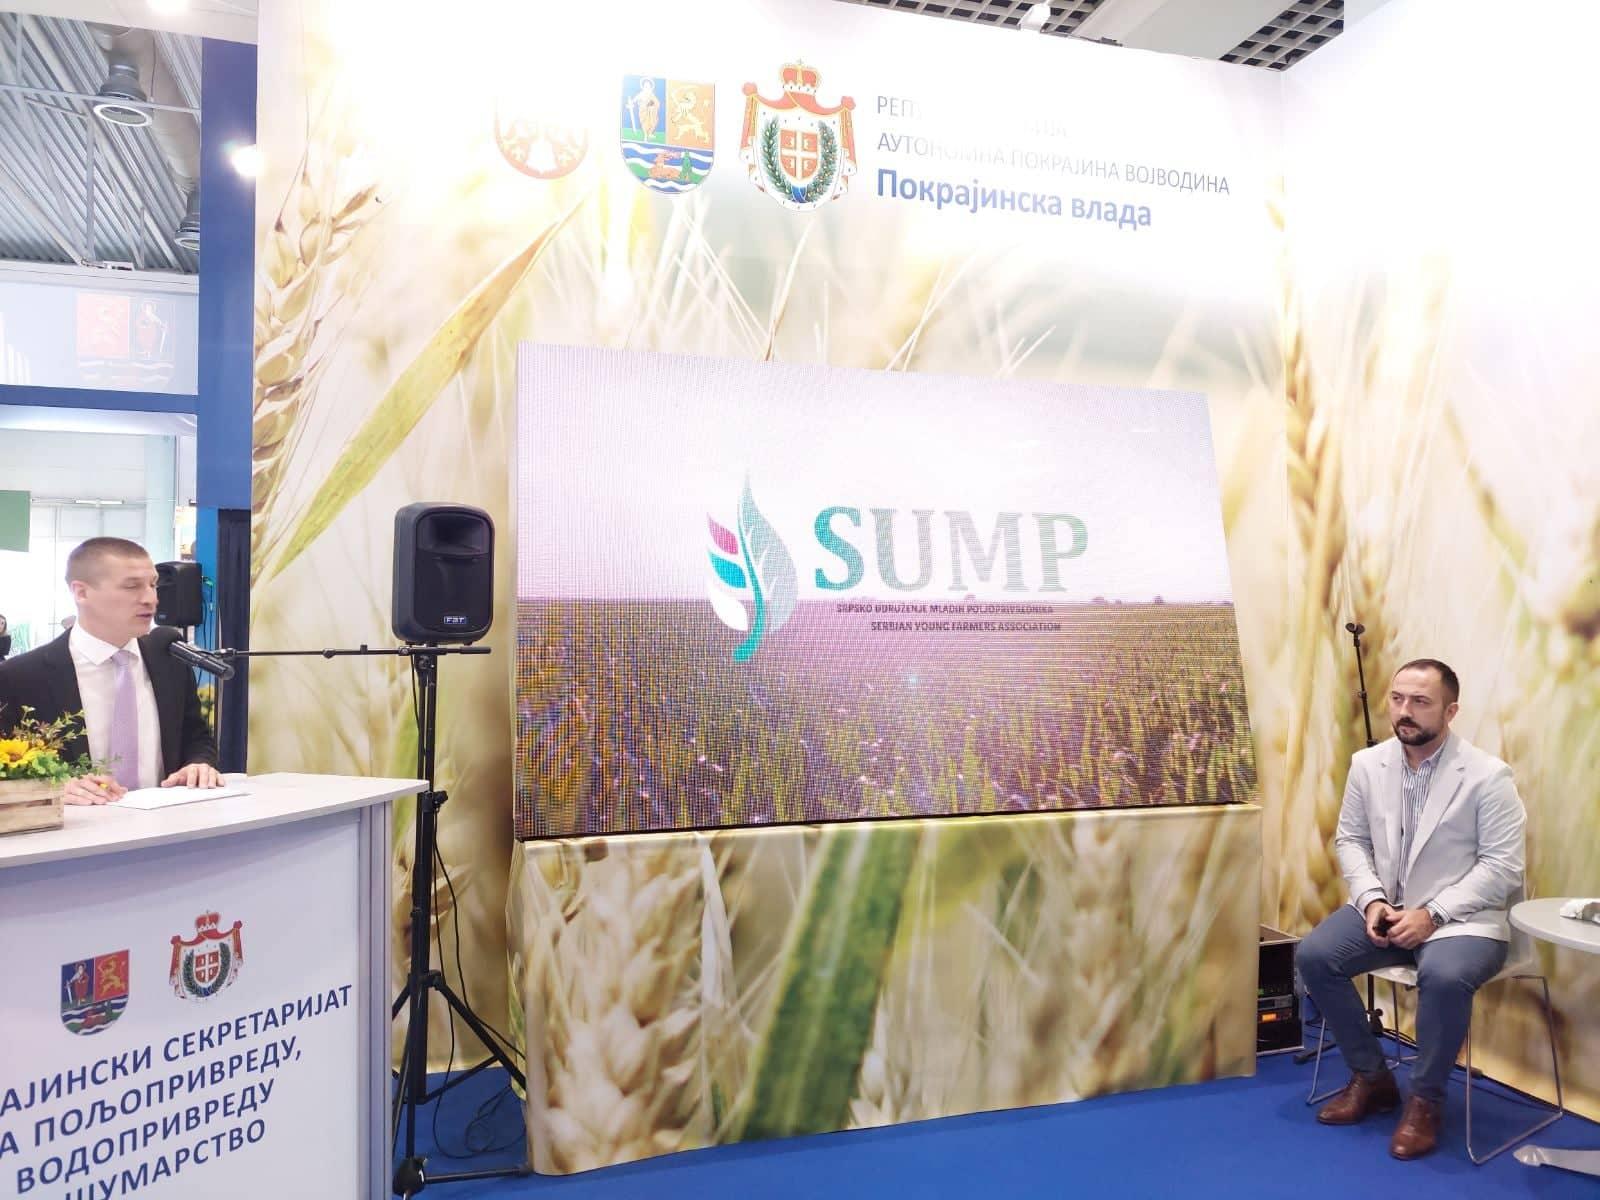 Ilustracija: Udruženje mladih poljoprivrednika SUMP